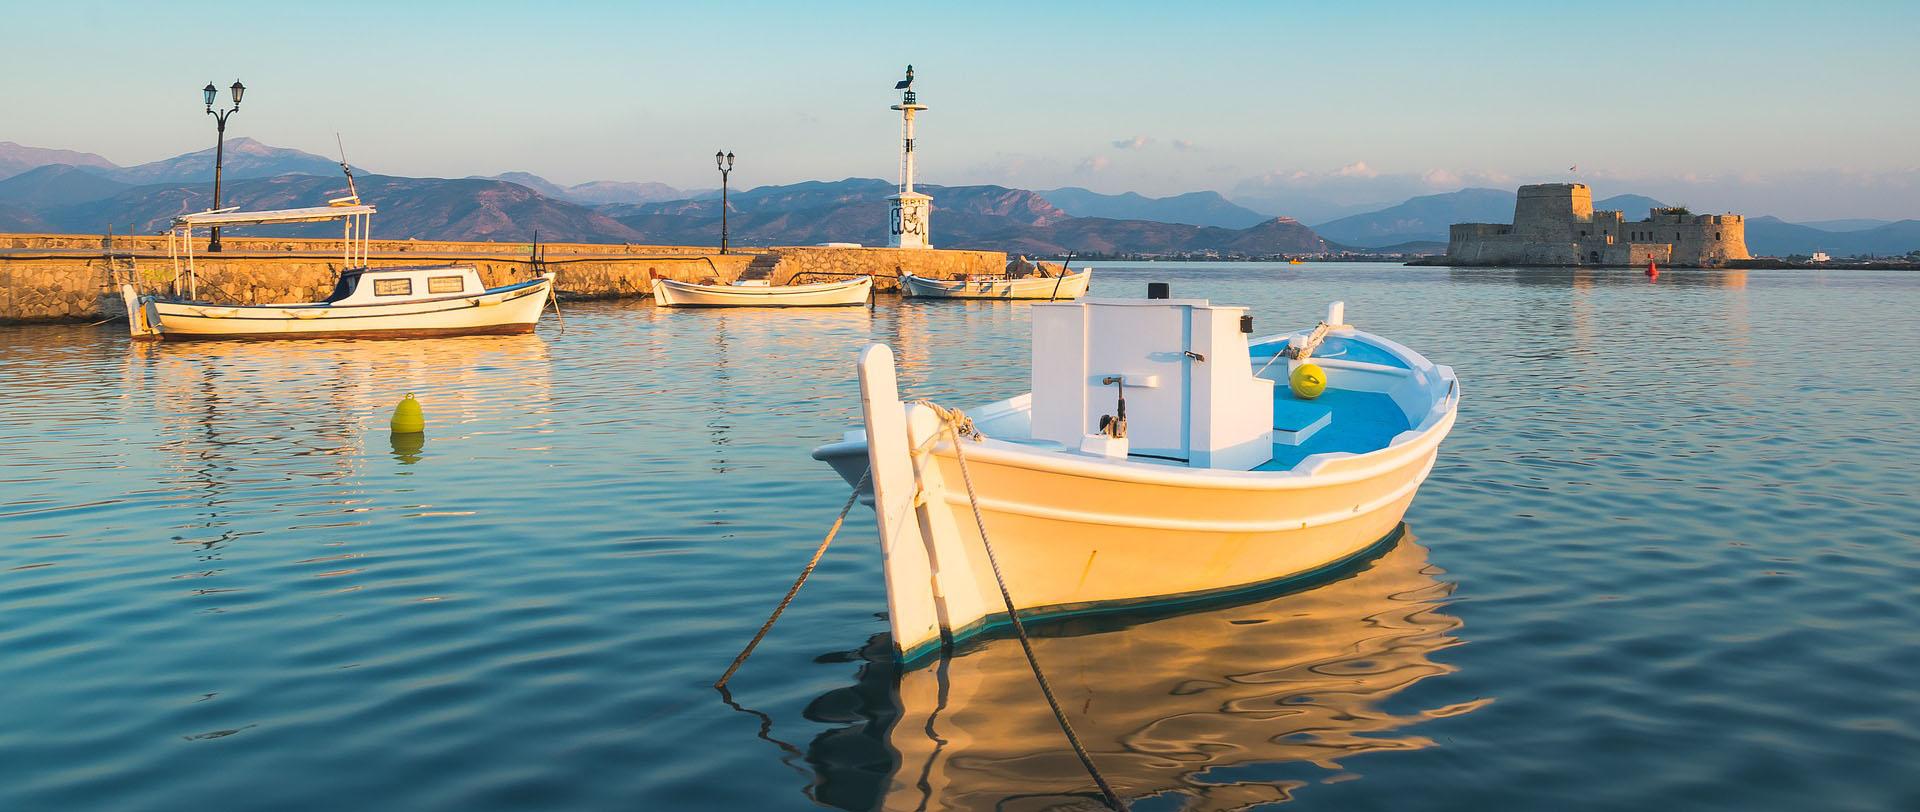 טיול ליוון - 10 ימים - אל חצי האי הפלופונסי: מסע אל הנופים והאתרים בהם פרחה יוון העתיקה